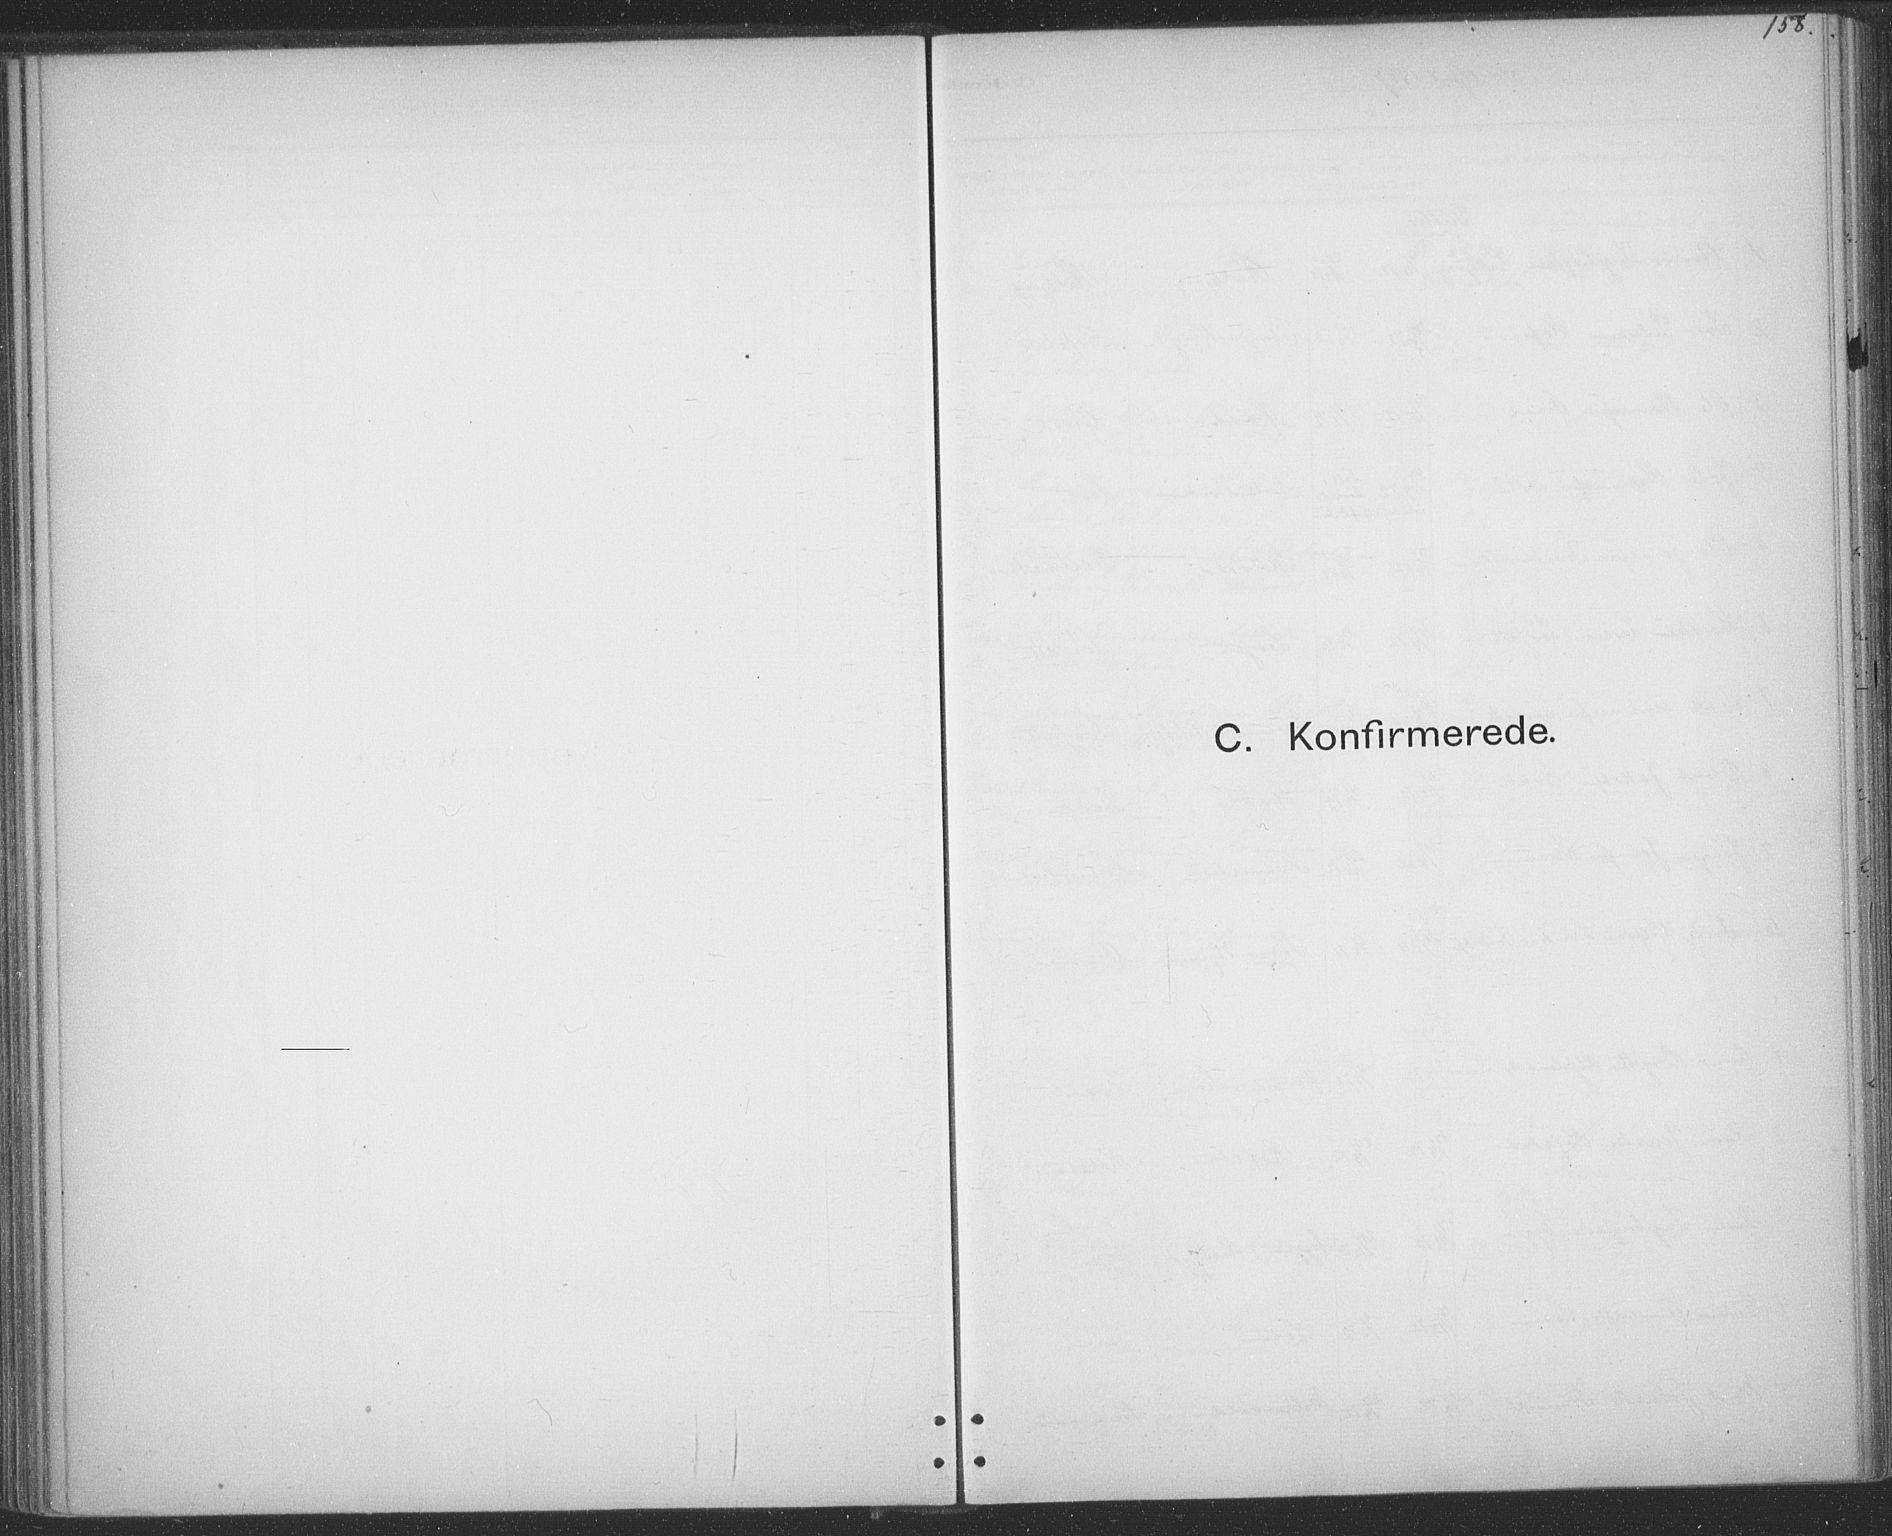 SAT, Ministerialprotokoller, klokkerbøker og fødselsregistre - Sør-Trøndelag, 691/L1085: Ministerialbok nr. 691A17, 1887-1908, s. 158